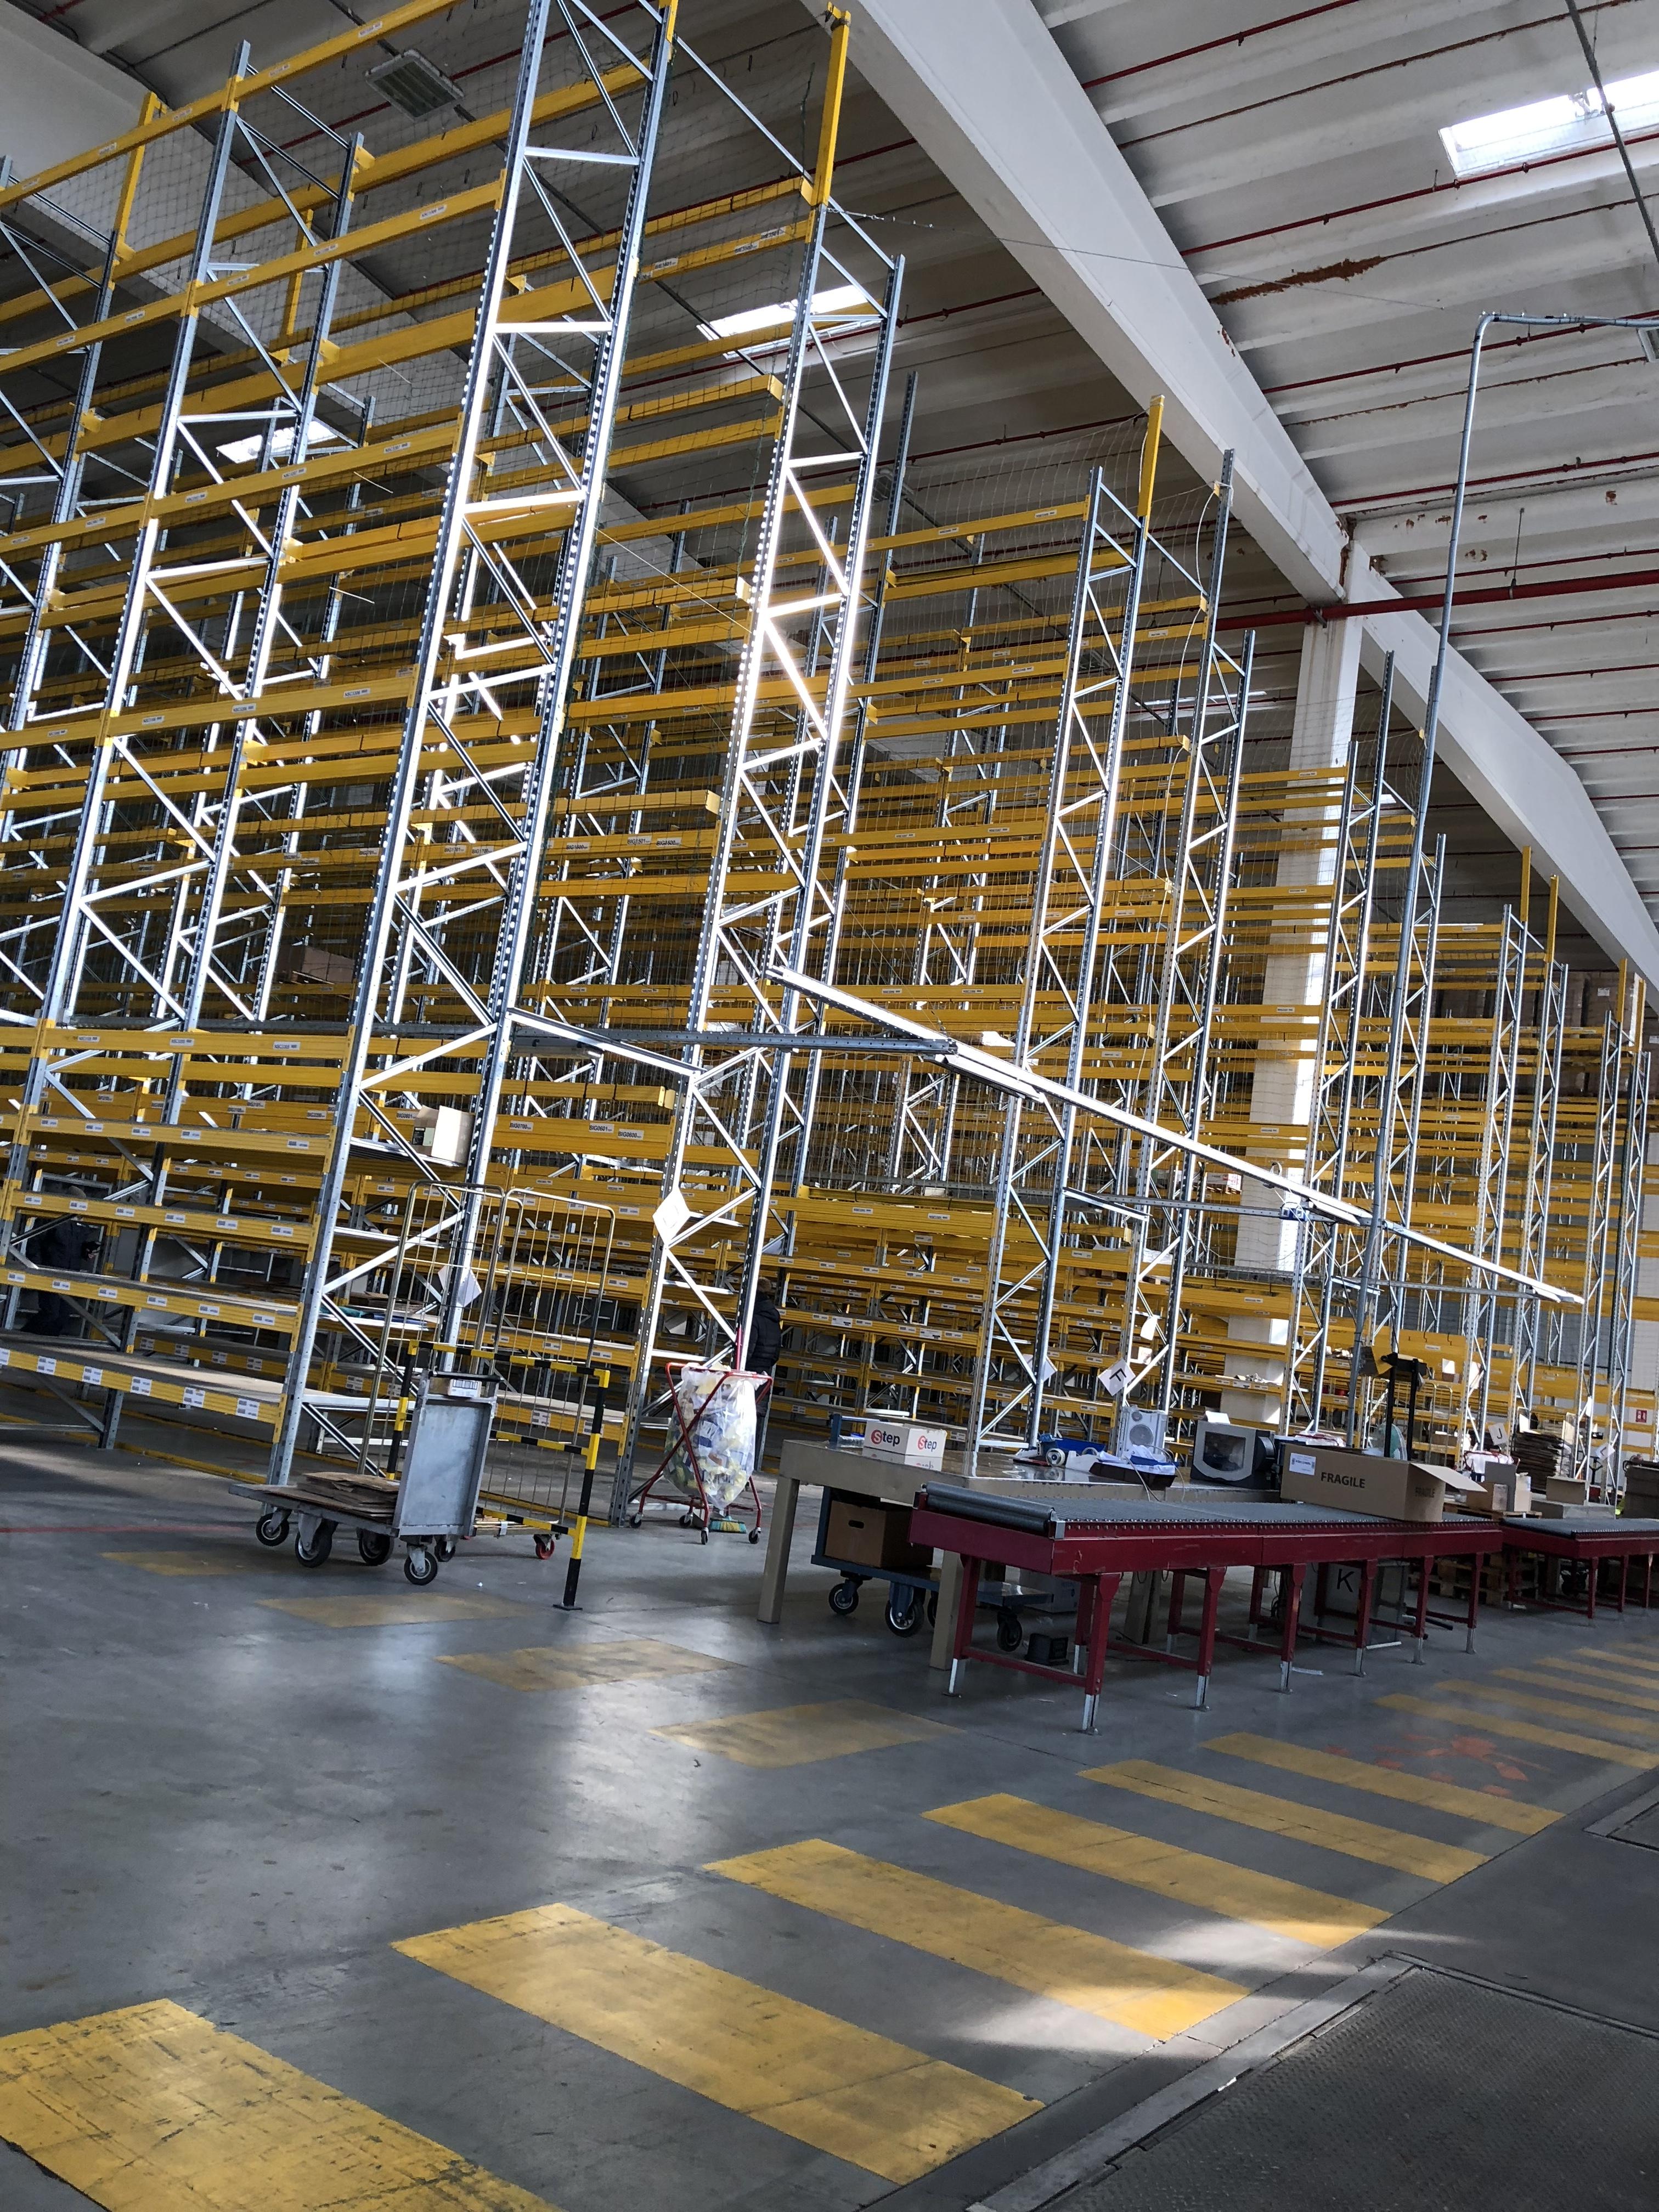 I portapallet sono scaffalature industriali metalliche progettate per la realizzazione dell'immagazzinamento di pallet pesanti. Qualità del prodotto e una serie di accessori sempre disponibili rendono la scaffalatura porta pallet adatta a tutte le esigenze di magazzino.